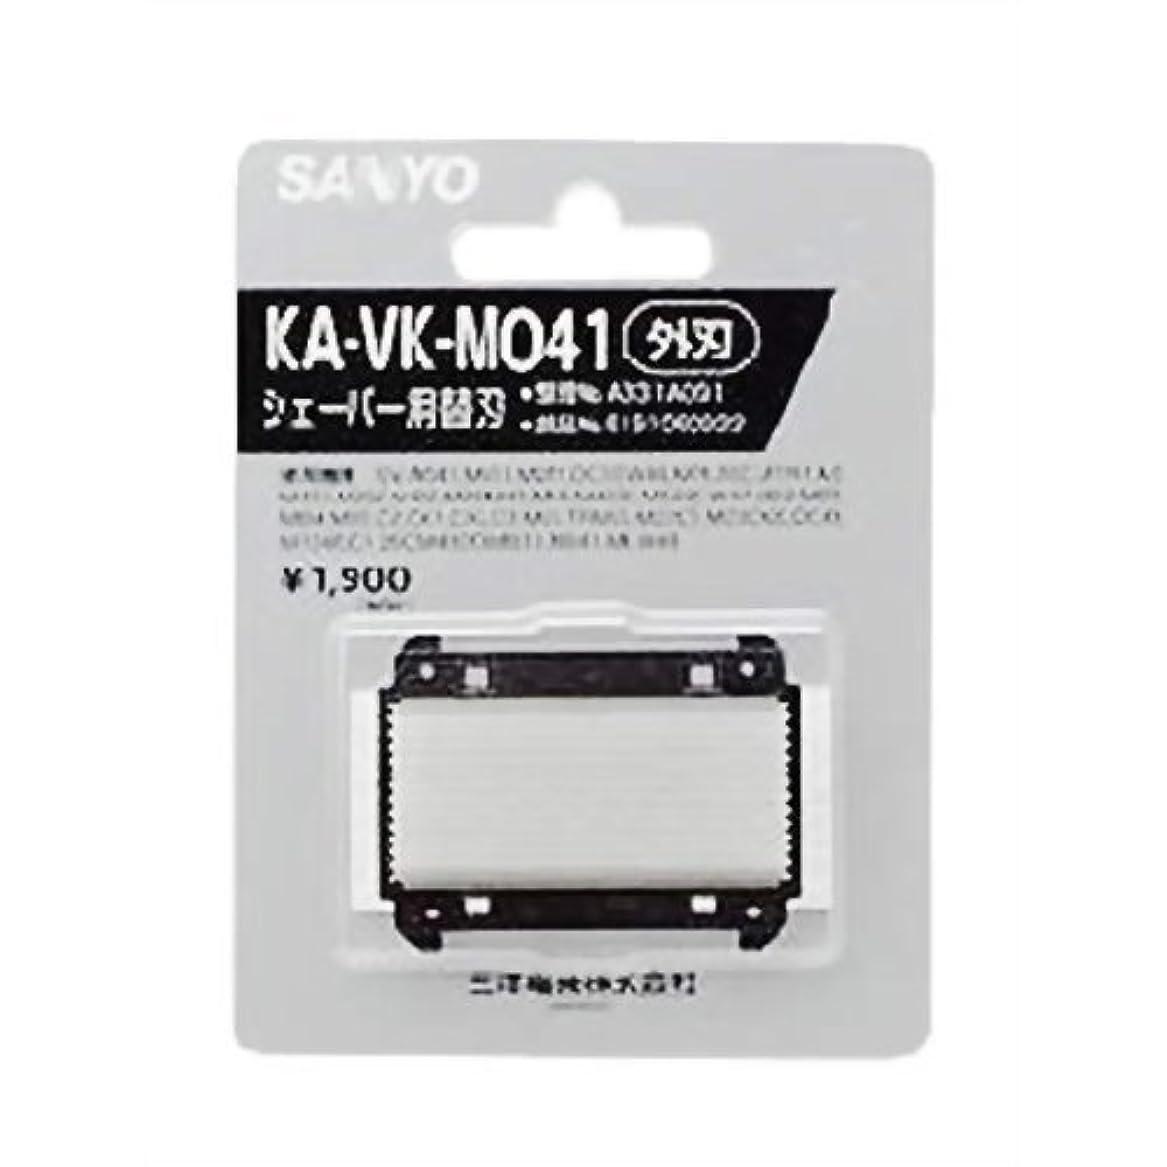 難民り許可SANYO シェーバー用替刃 外刃 KA-VK-M041